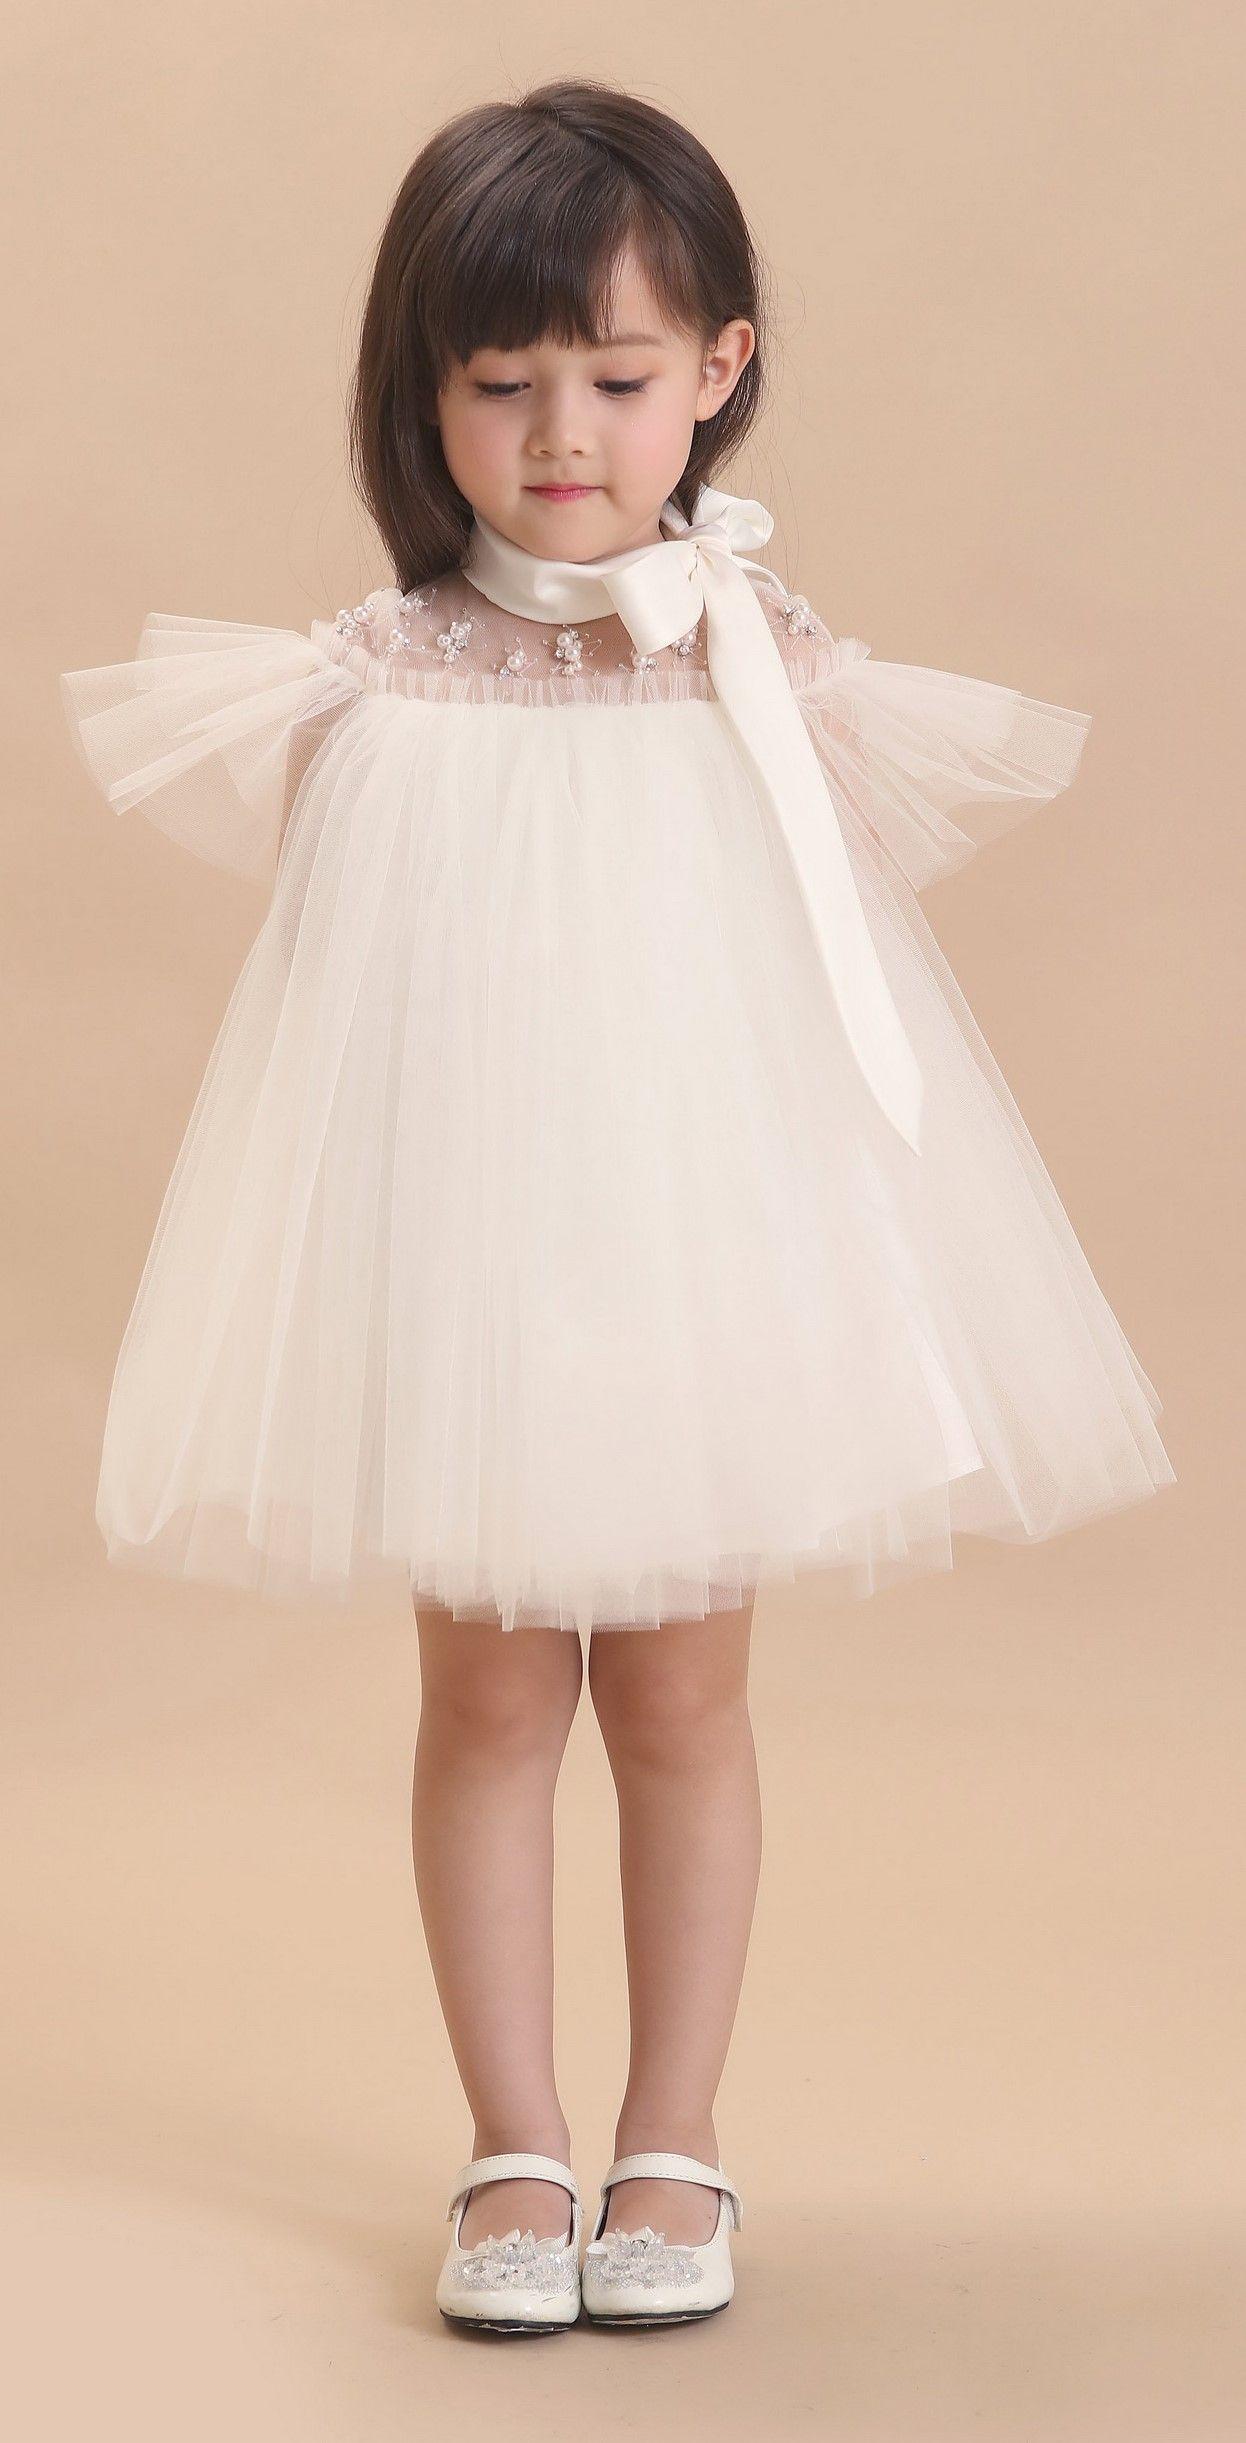 ca2d2a4bb03 DORIAN HO Baby Doll FW 17/18 Oblečení Pro Holčičky, Móda Pro Malé Slečny